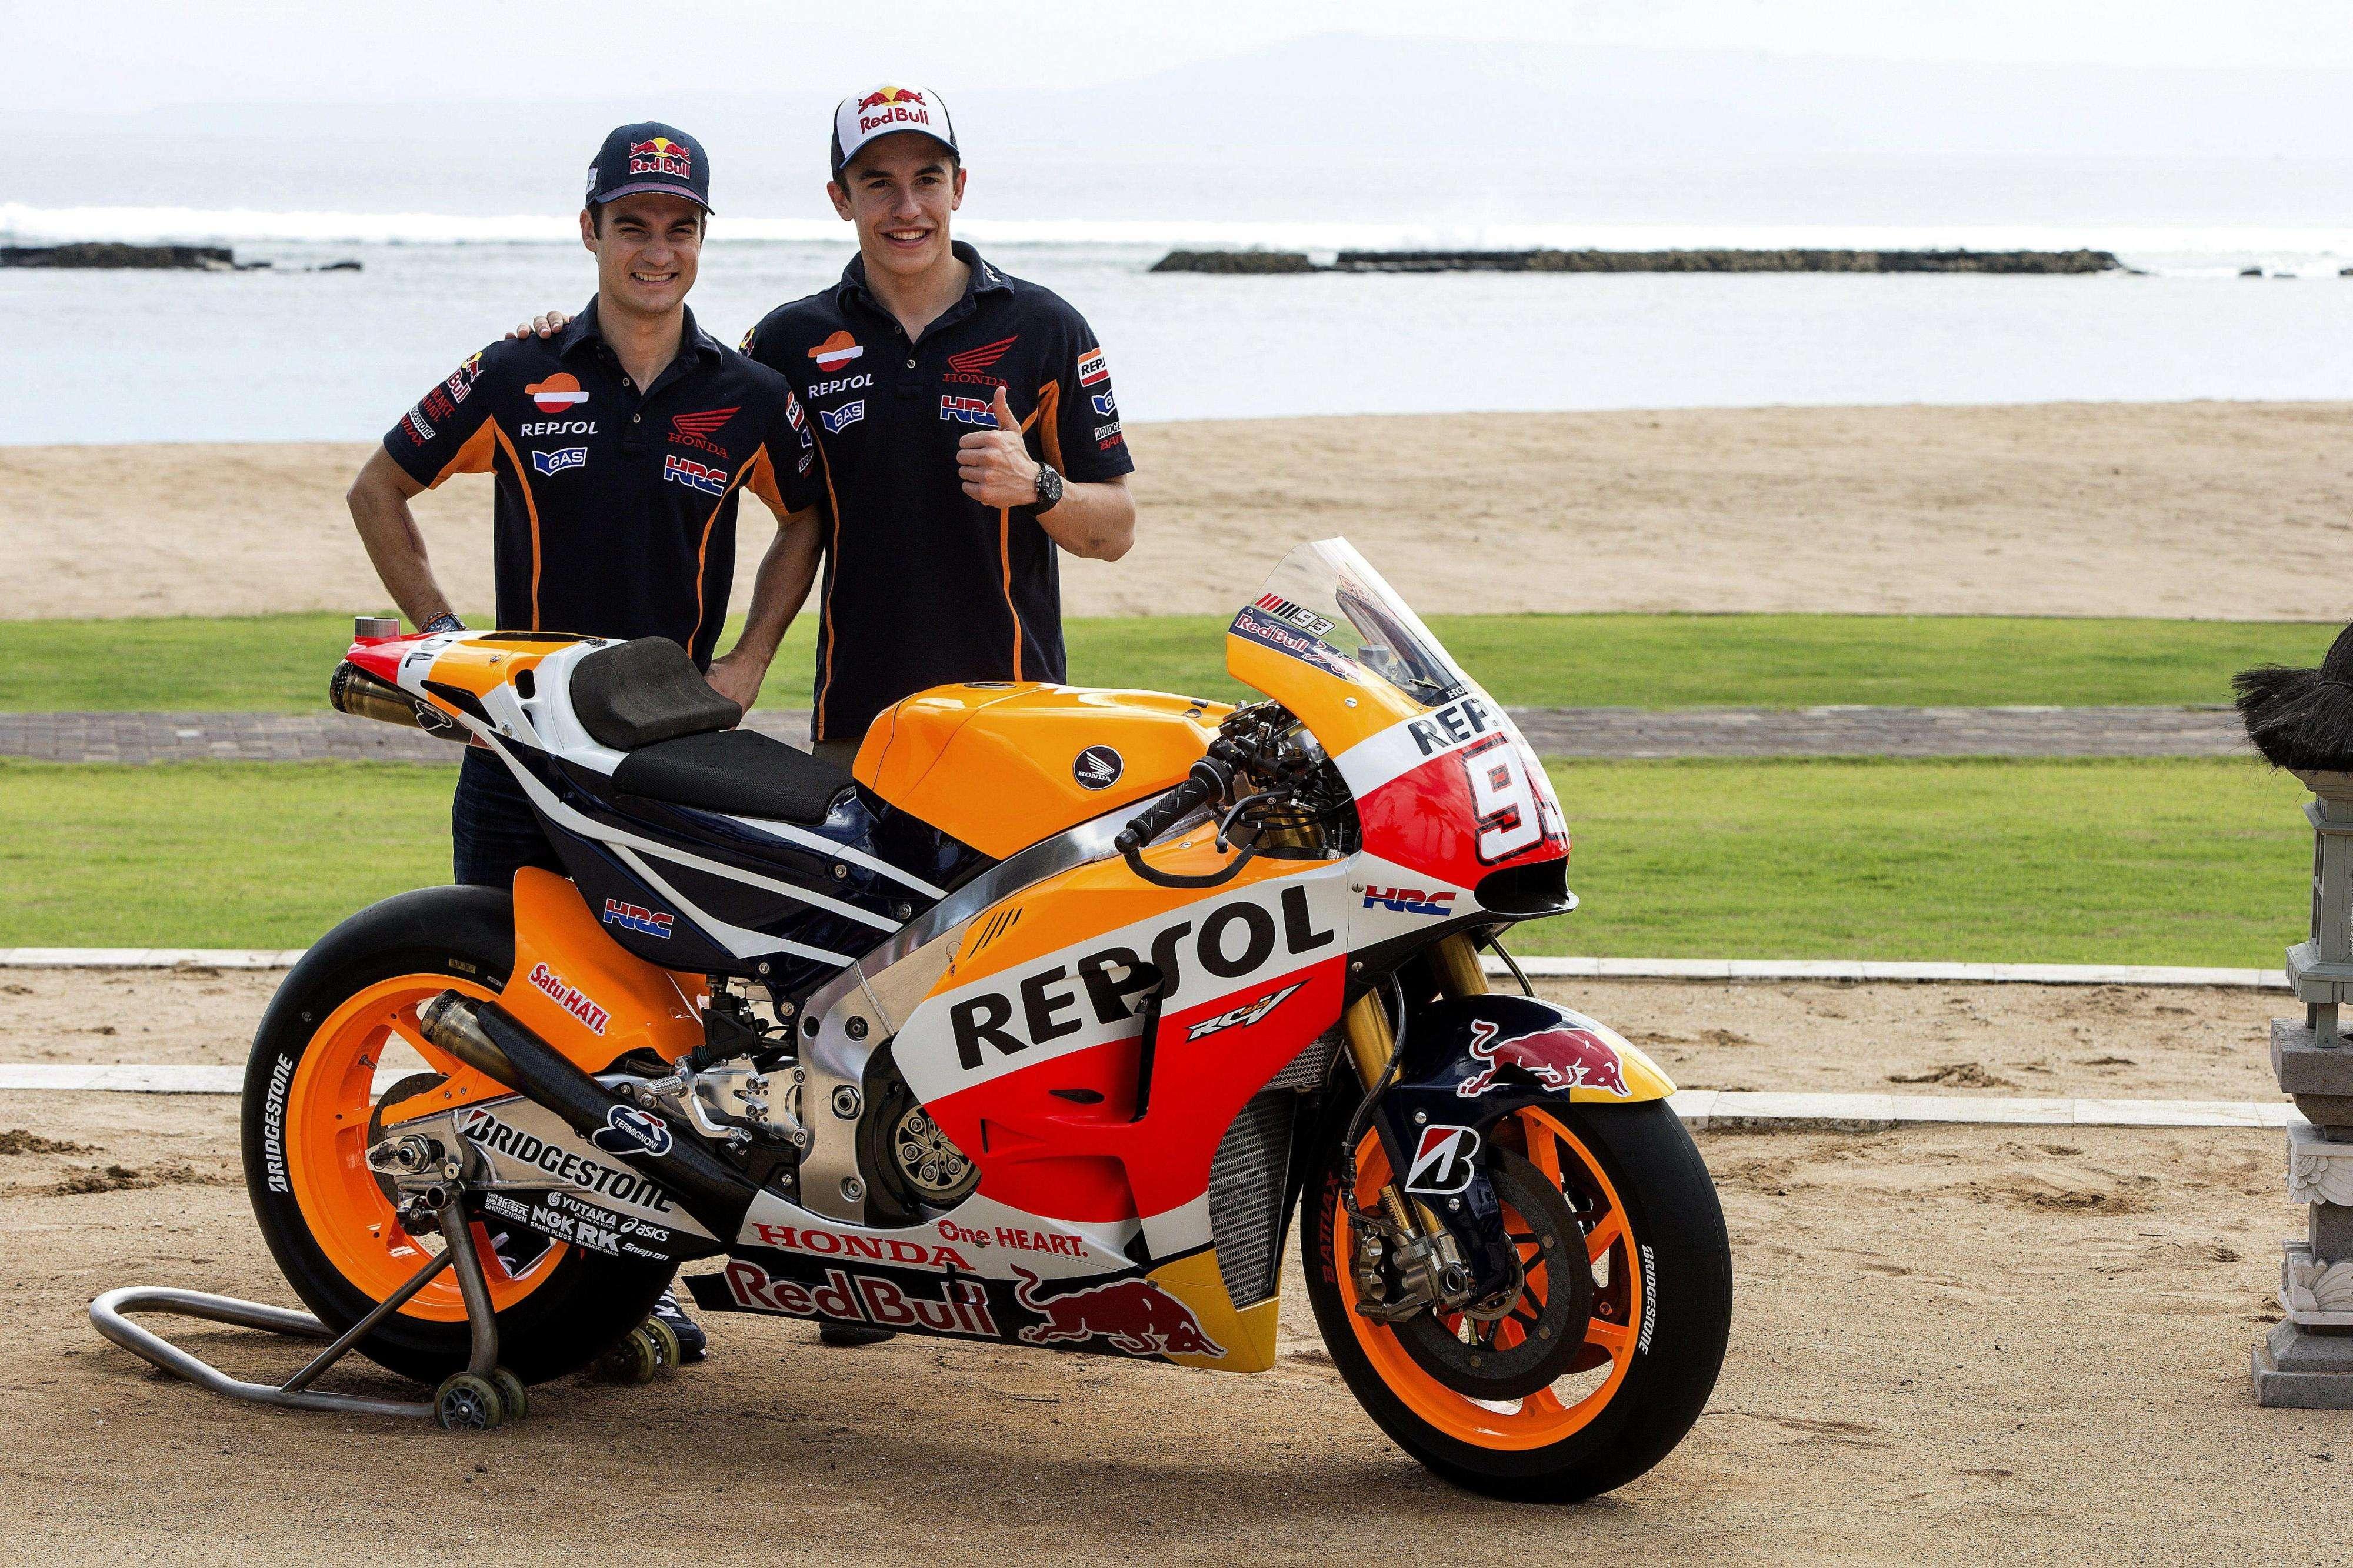 Los pilotos españoles Marc Márquez (d) y Dani Pedrosa han presentado hoy en Bali (Indonesia), junto con su equipo Repsol-Honda, las motos con las que correrán en la temporada 2015 que está a punto de comenzar. Foto: EFE en español